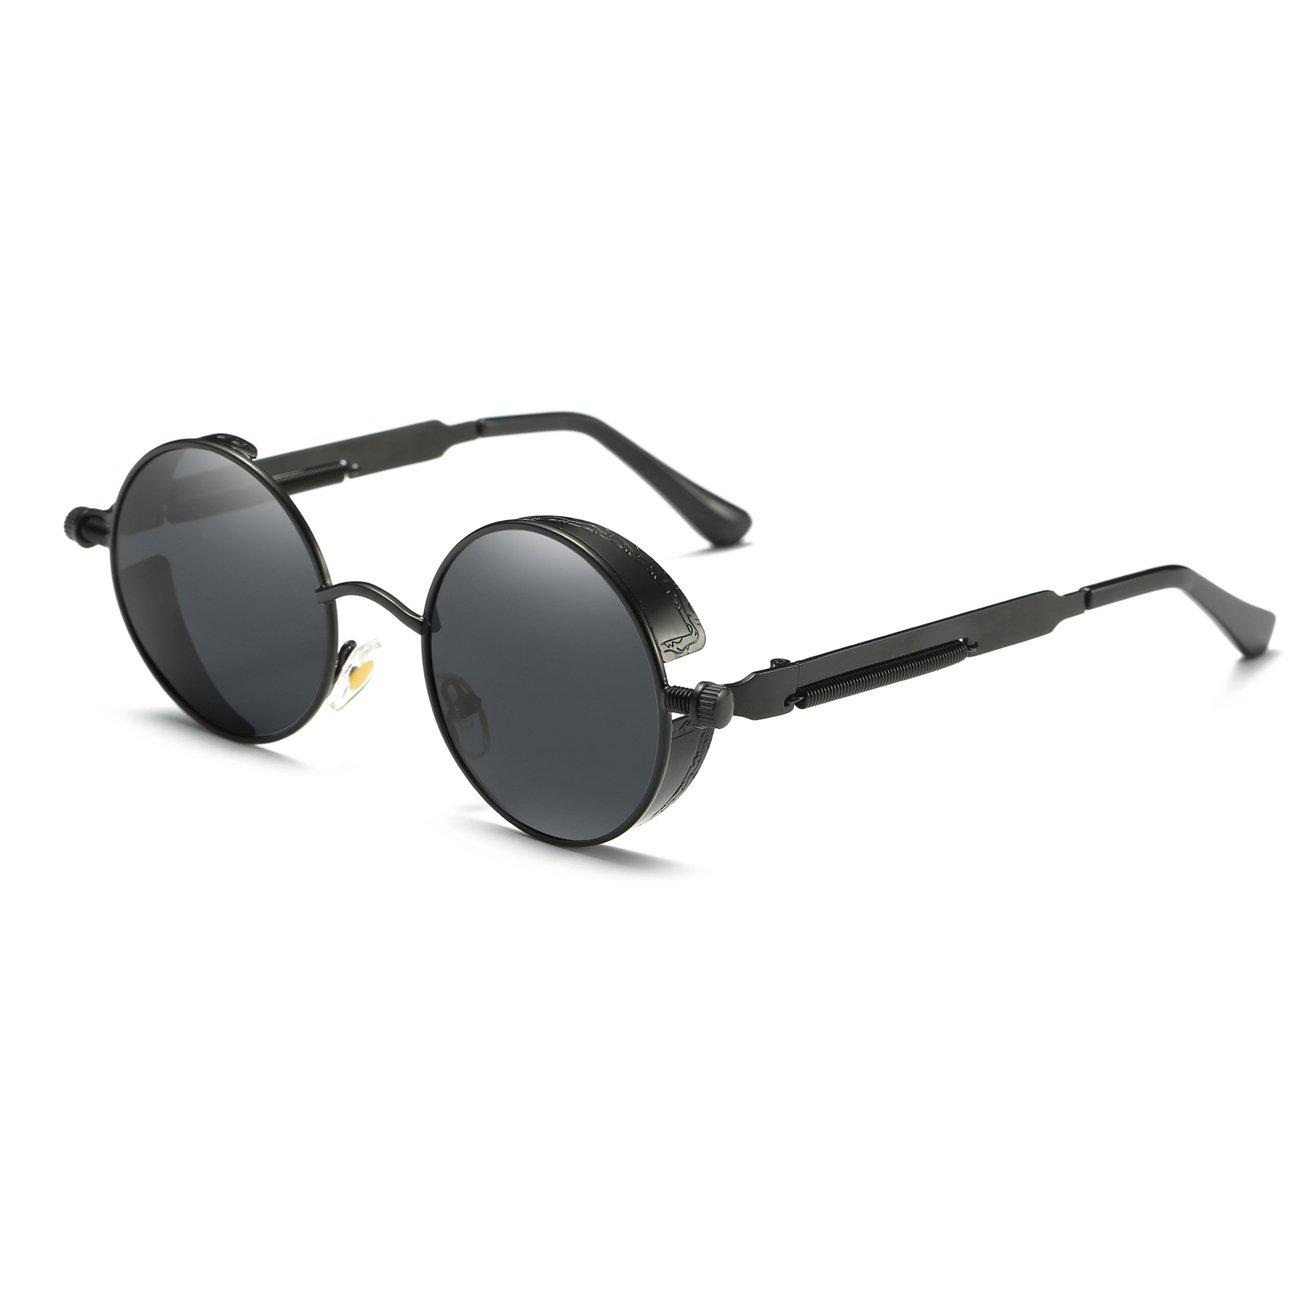 840893e73b Amazon.com  Ronsou Steampunk Style Round Vintage Polarized Sunglasses Retro  Eyewear UV400 Protection Matel Frame black frame gray lens  Clothing